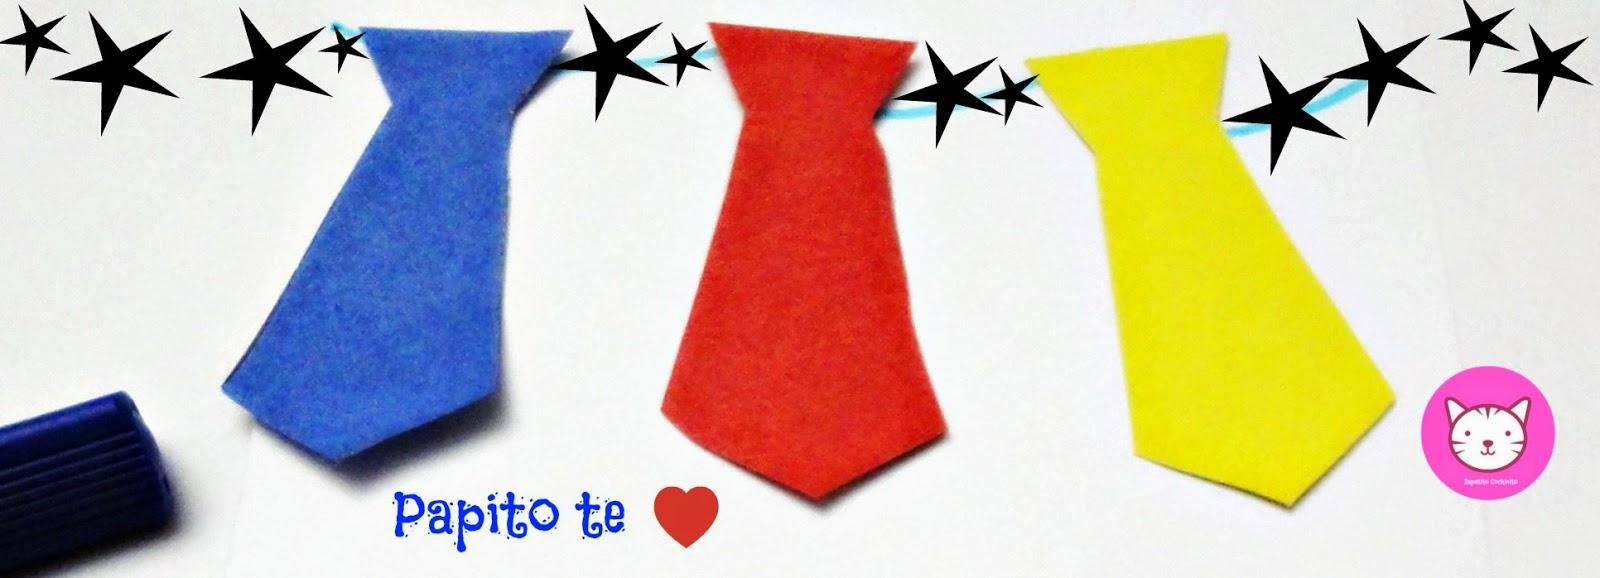 Zapatito cochinito corbatas de papel - Como hacer cadenetas de papel para fiestas ...